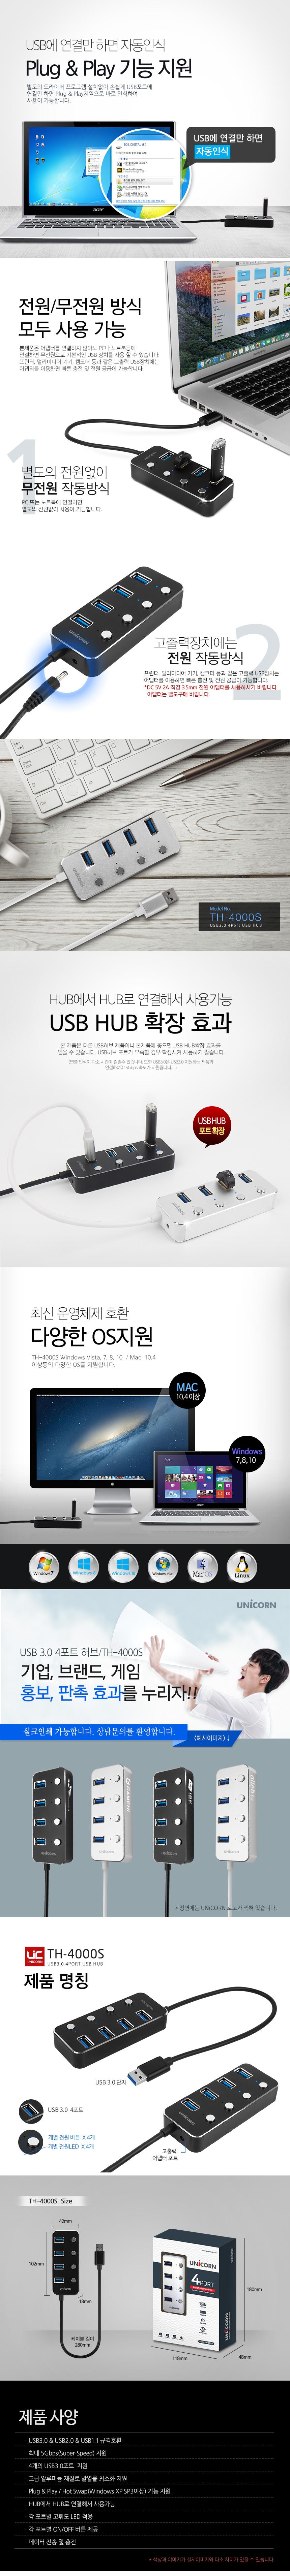 서진네트웍스 UNICORN 4포트 USB 3.0 허브 (TH-4000S)